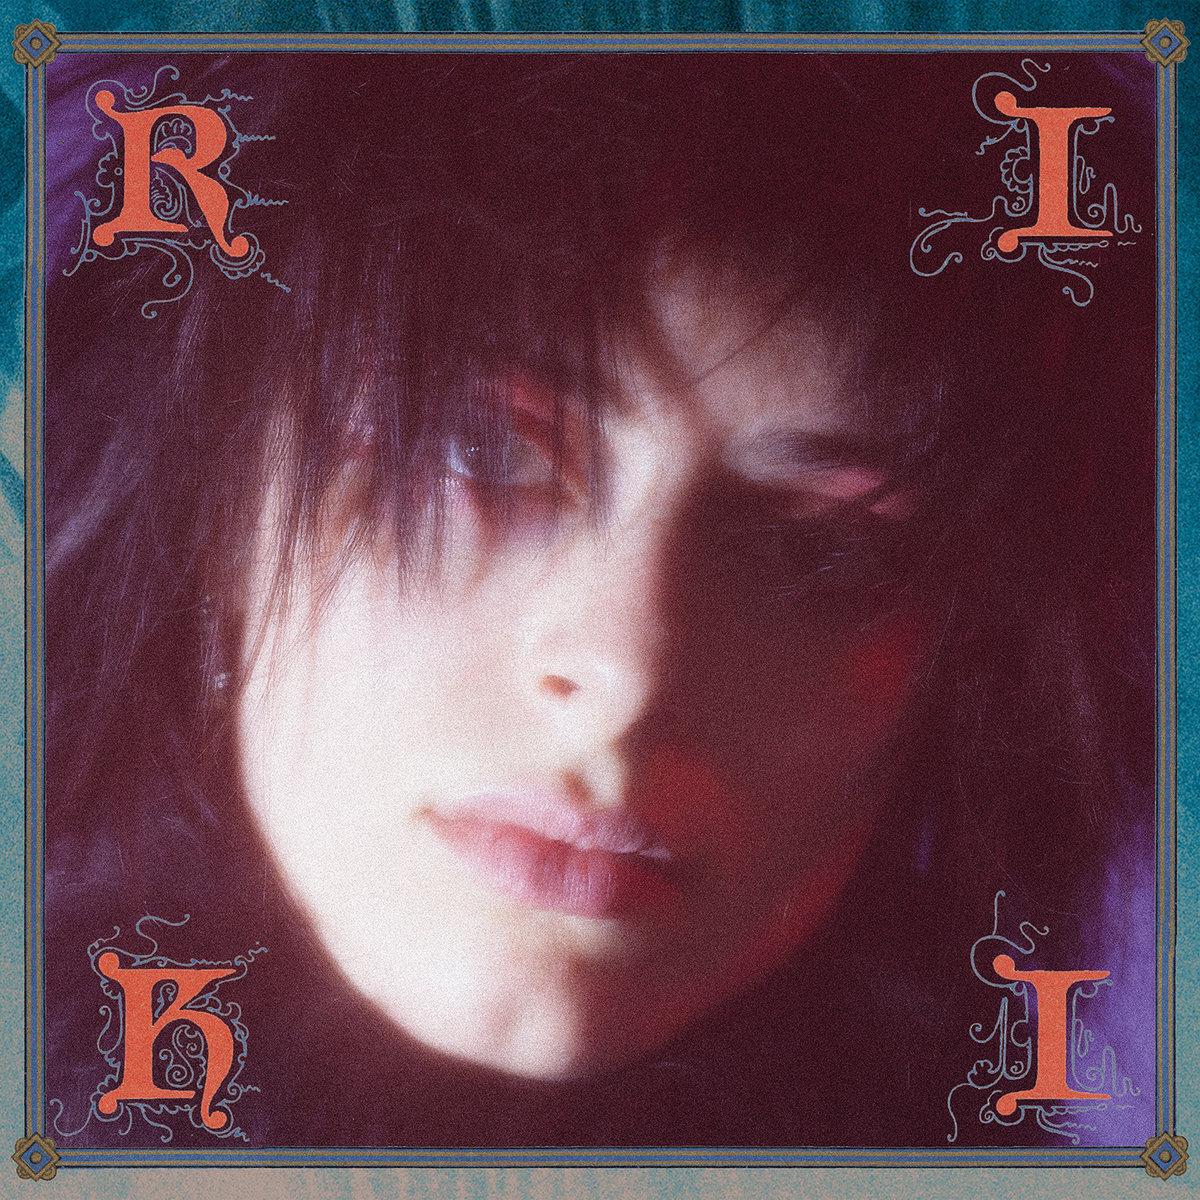 RIKI - RIKI (LTD. White LP)